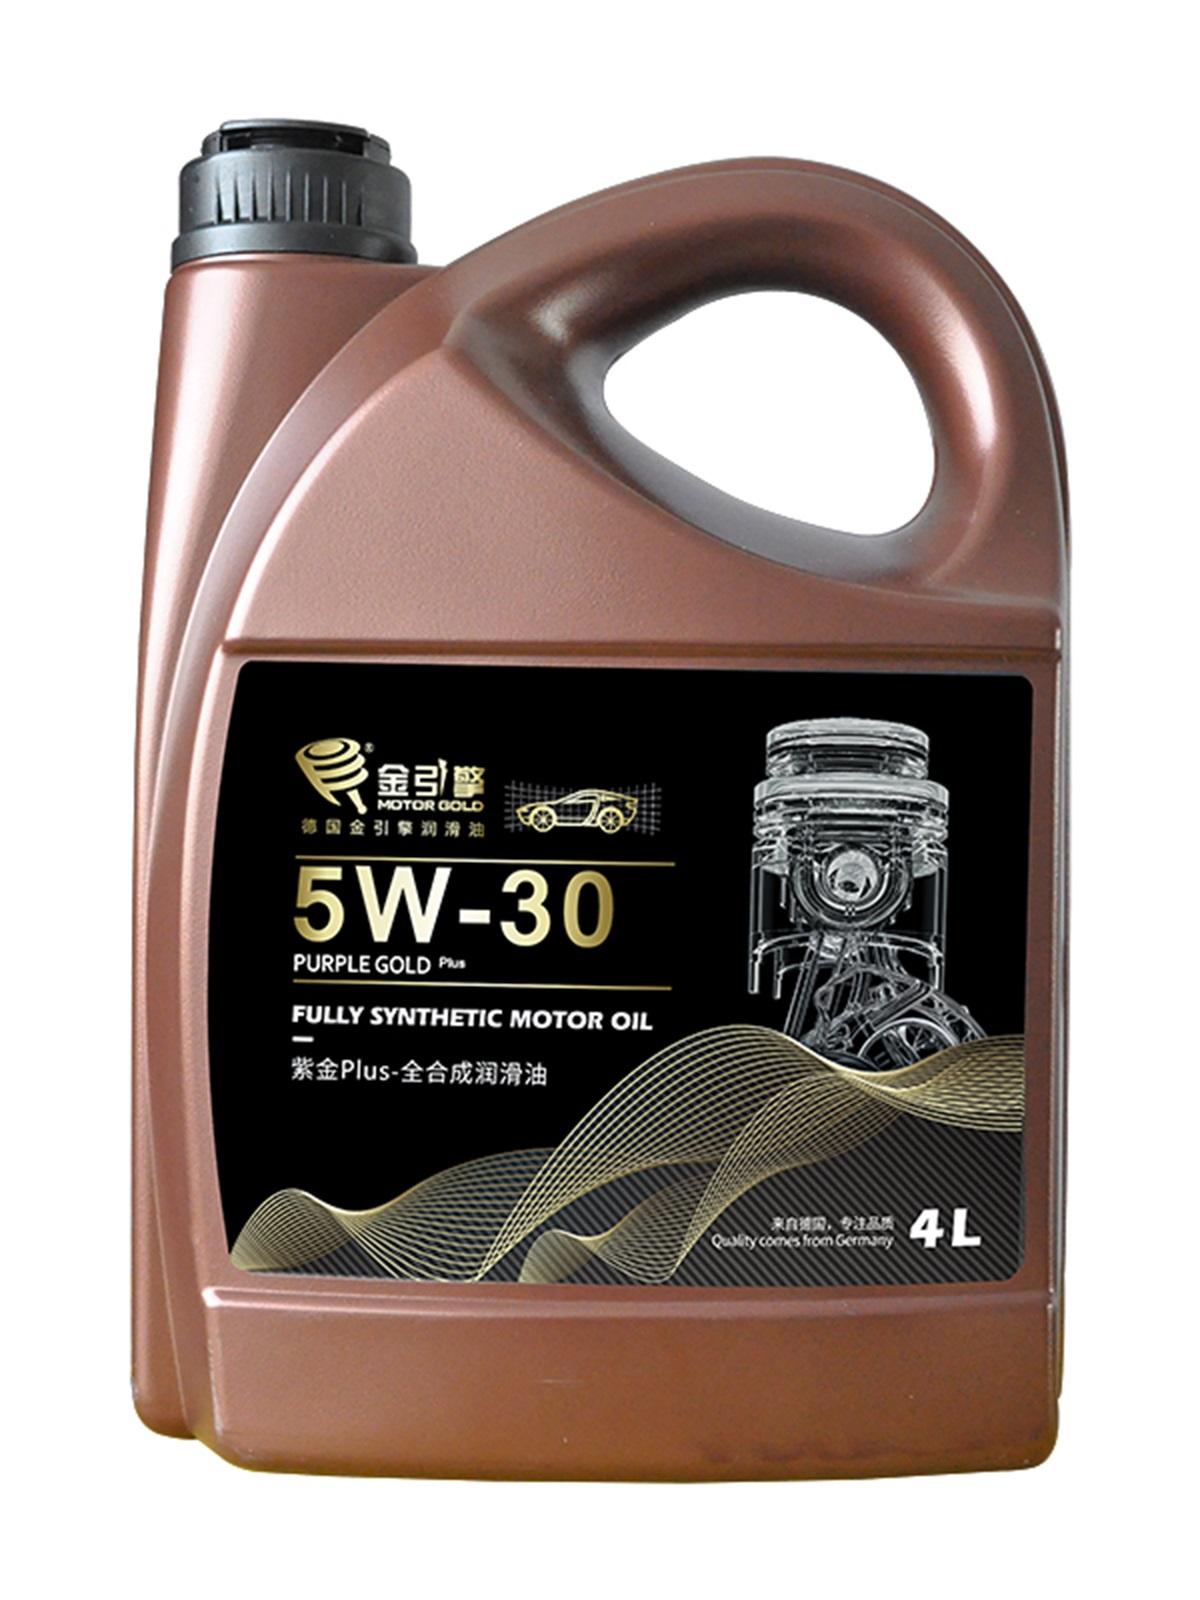 紫金Plus 5W-30 全合成易胜博注册